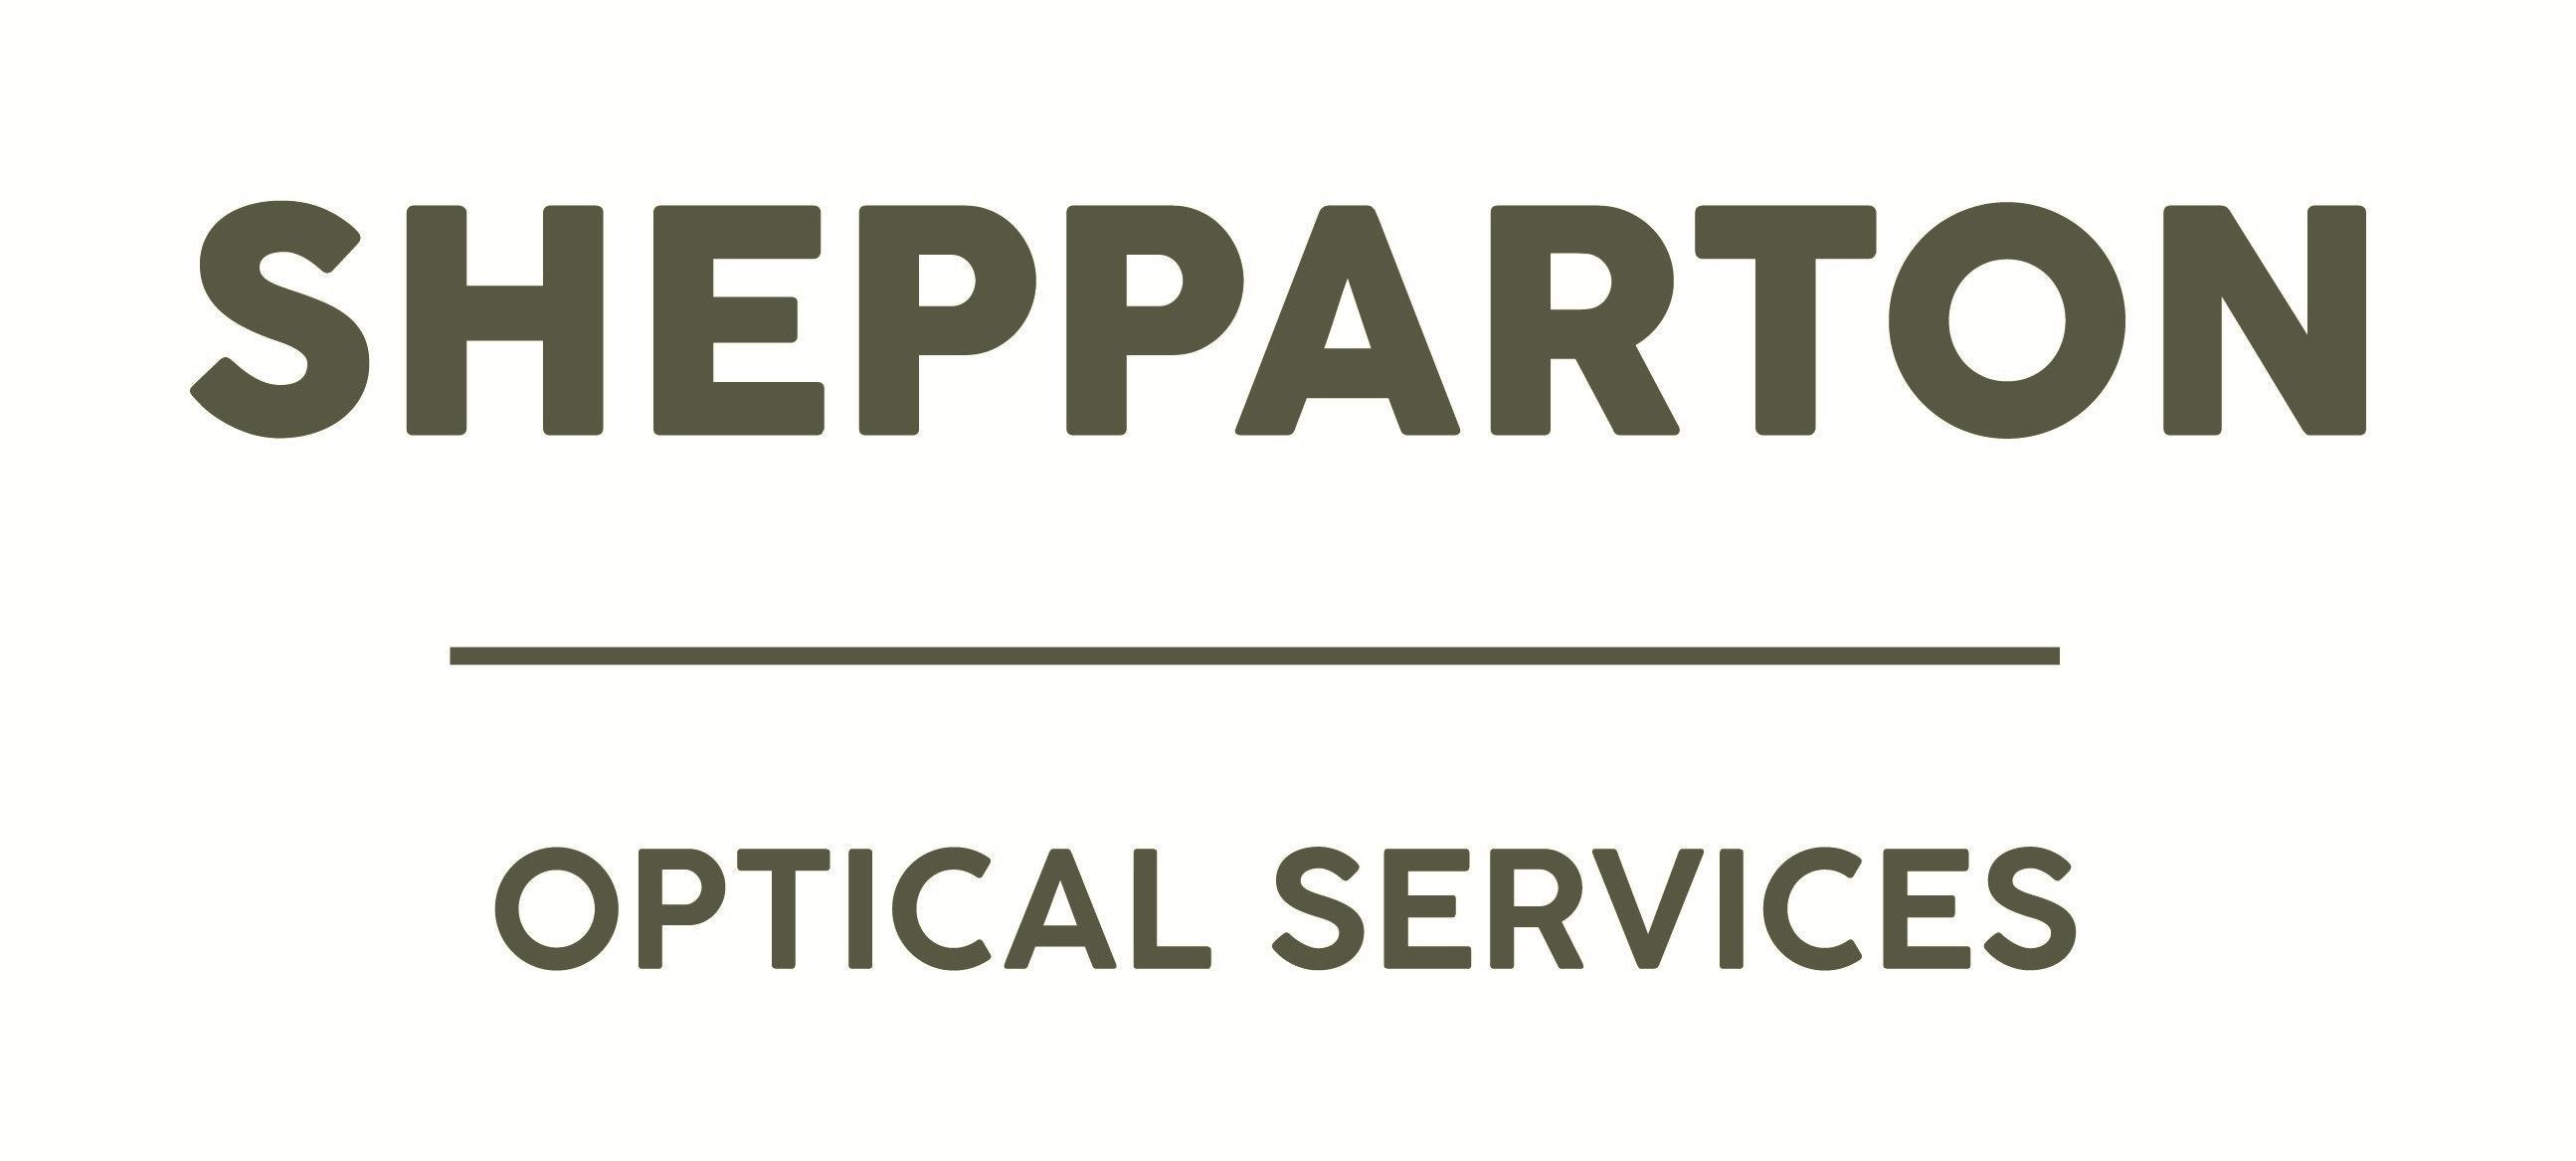 Shepparton Optical Services